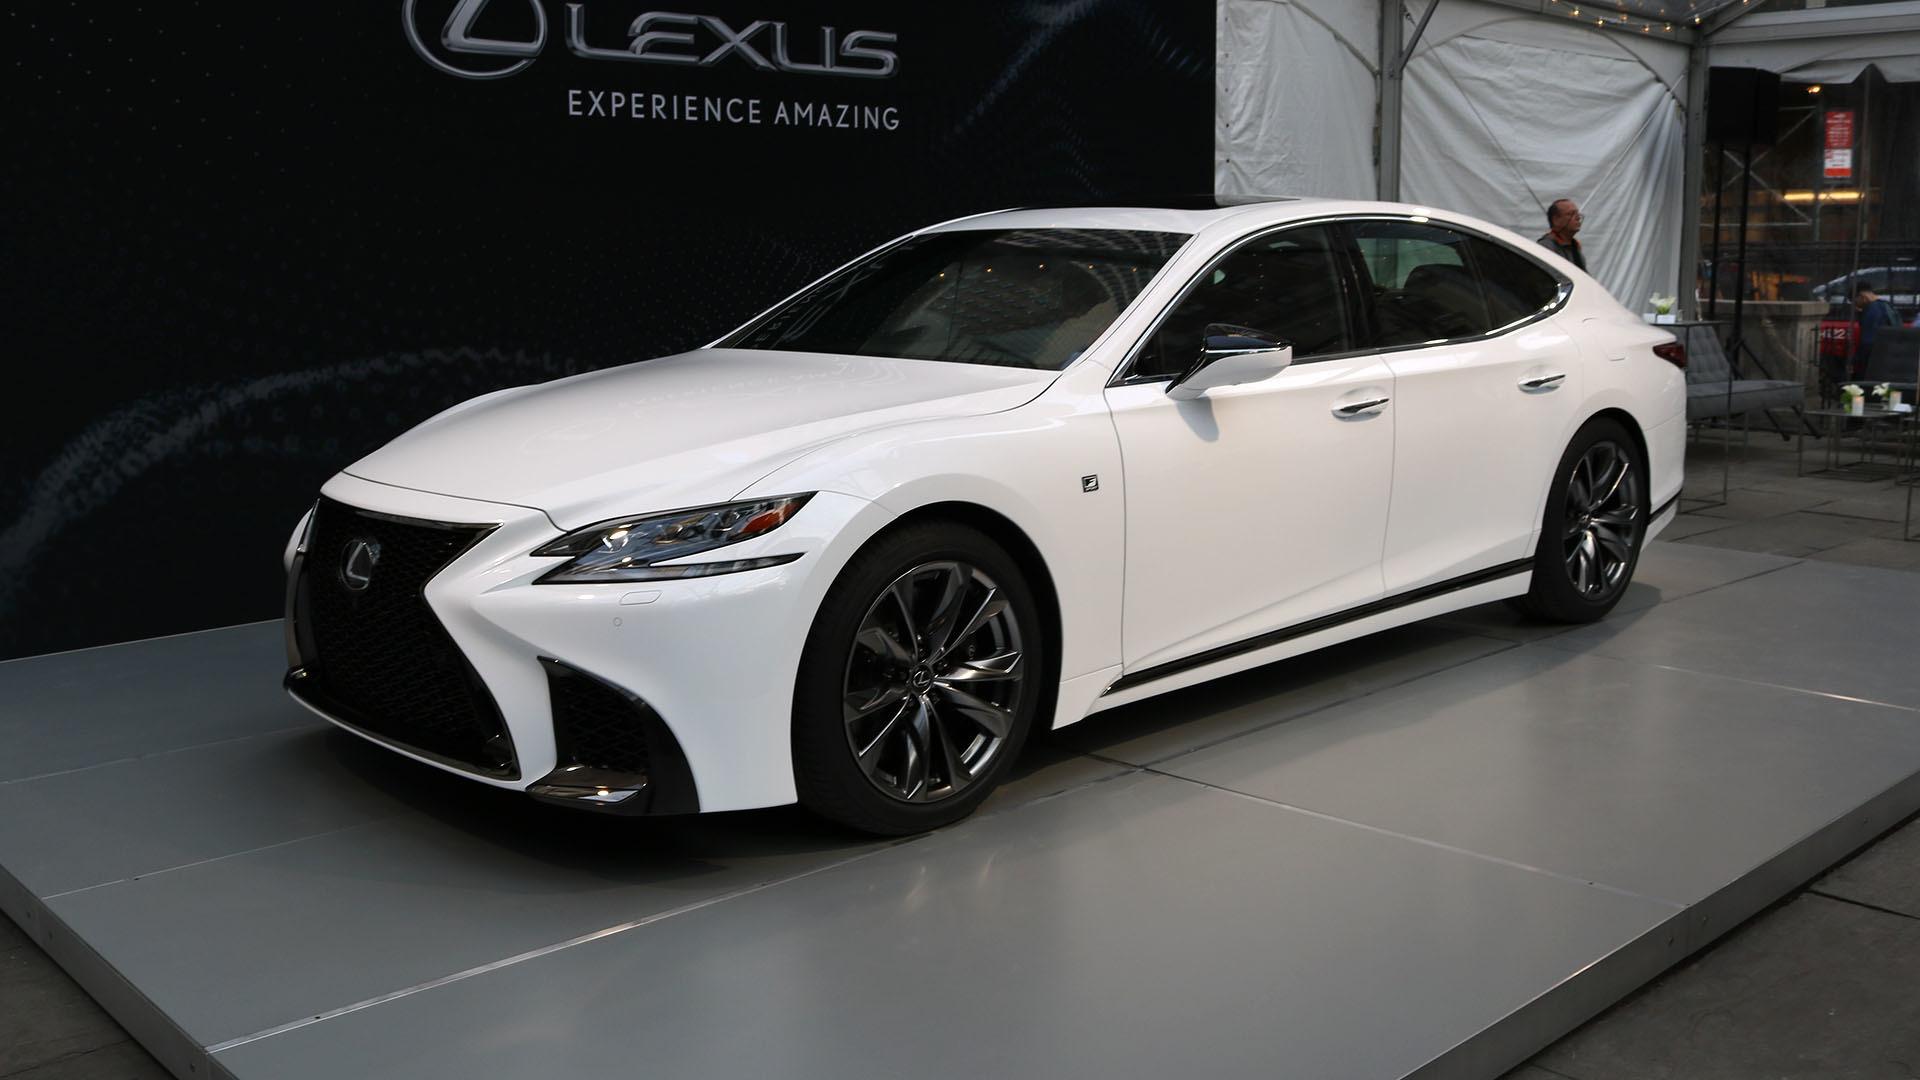 2018 lexus ls 460 f sport. perfect 460 in 2018 lexus ls 460 f sport u